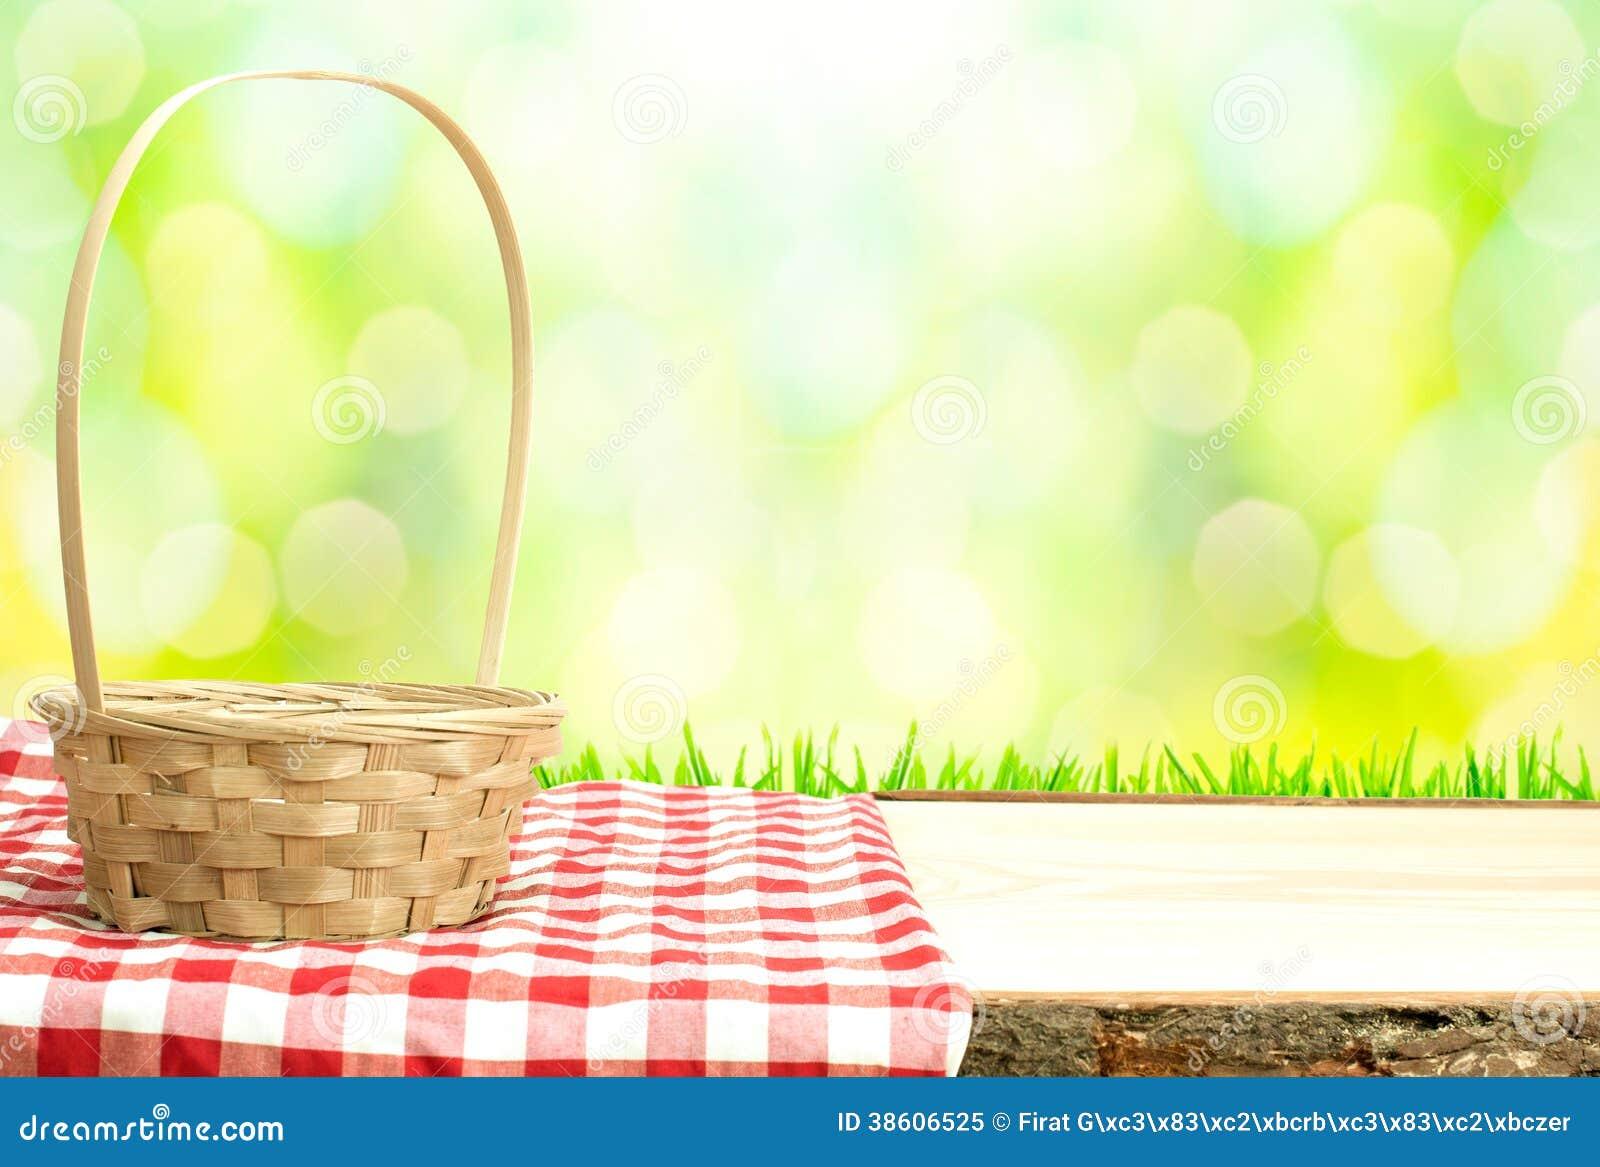 Picknickmand op lijst in aard